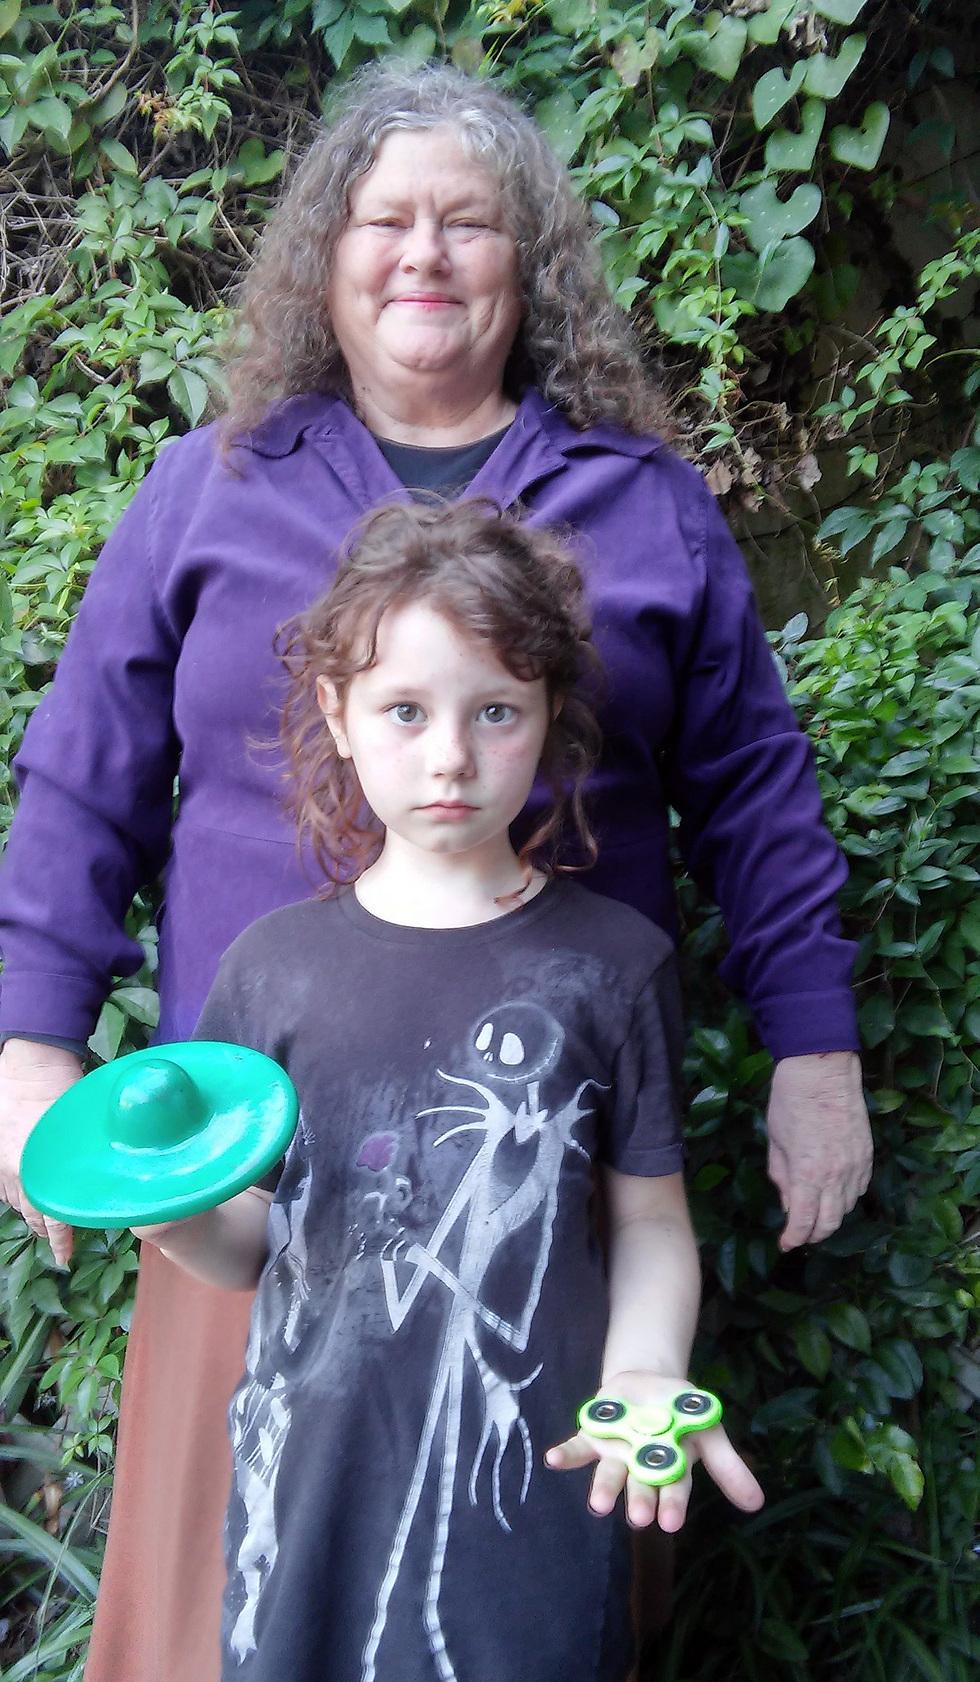 הטינגר עם נכדתה והספינר (צילום: ריצ'רד לסקומב)